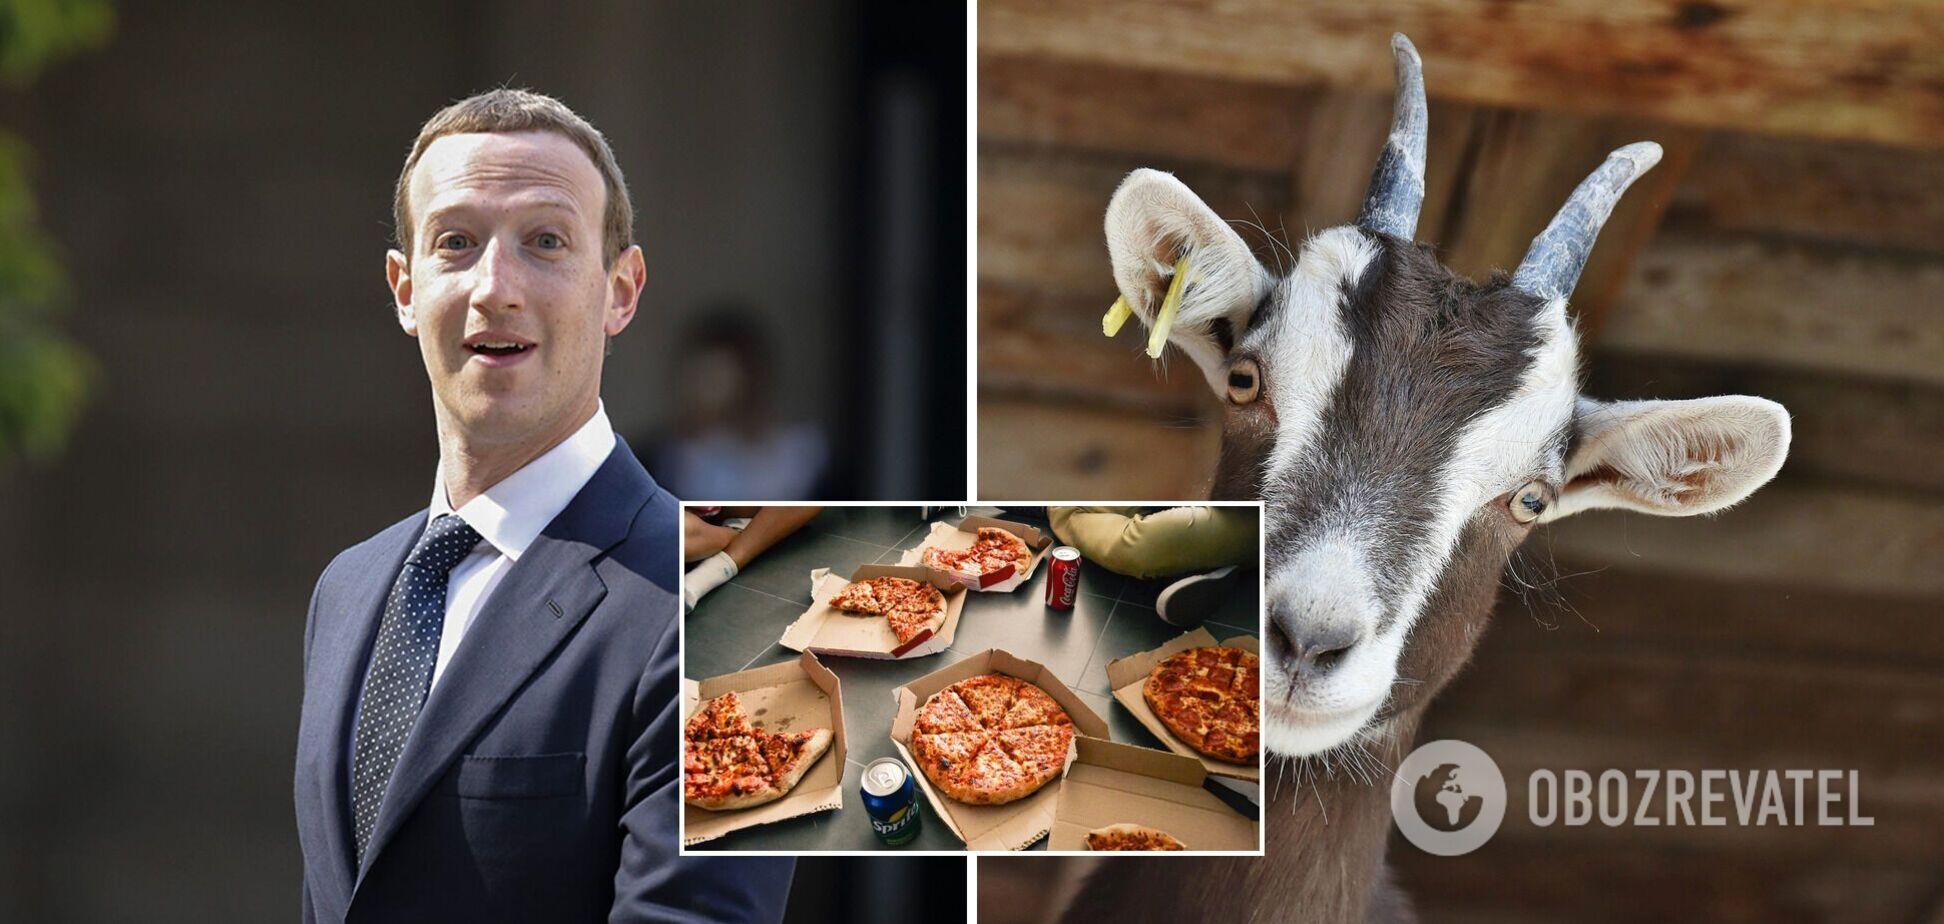 Що їсть й чим пригощає гостей Марк Цукерберг